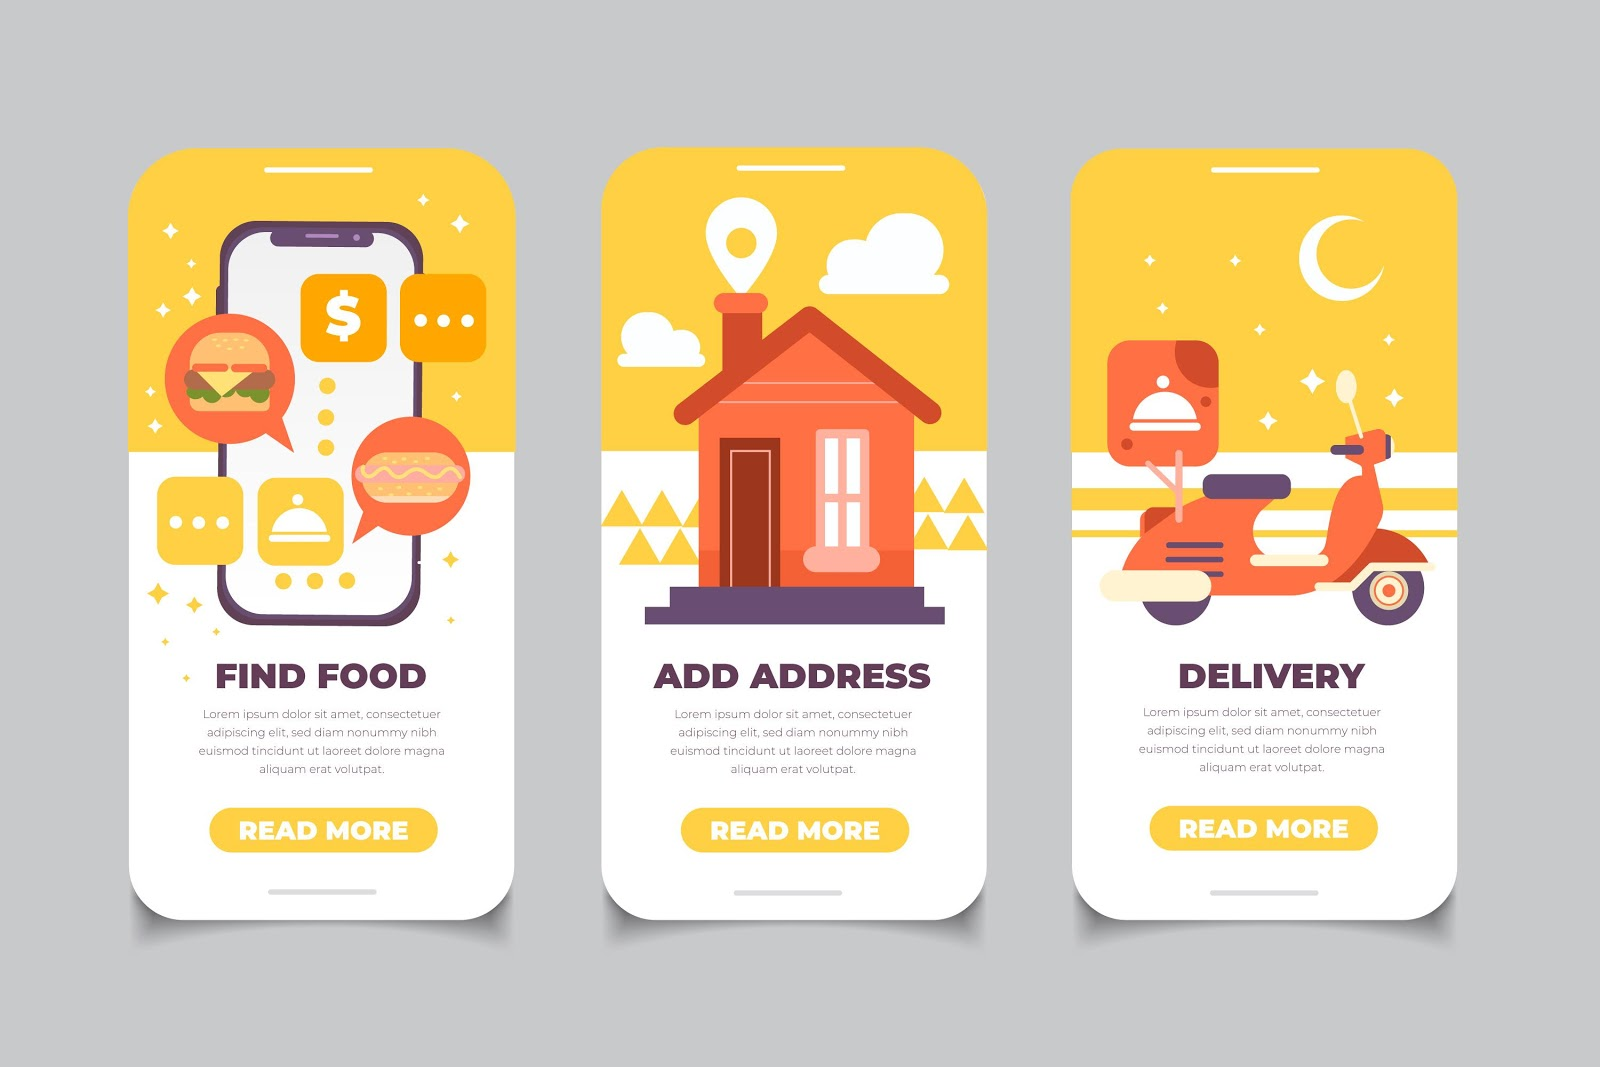 Customer's App